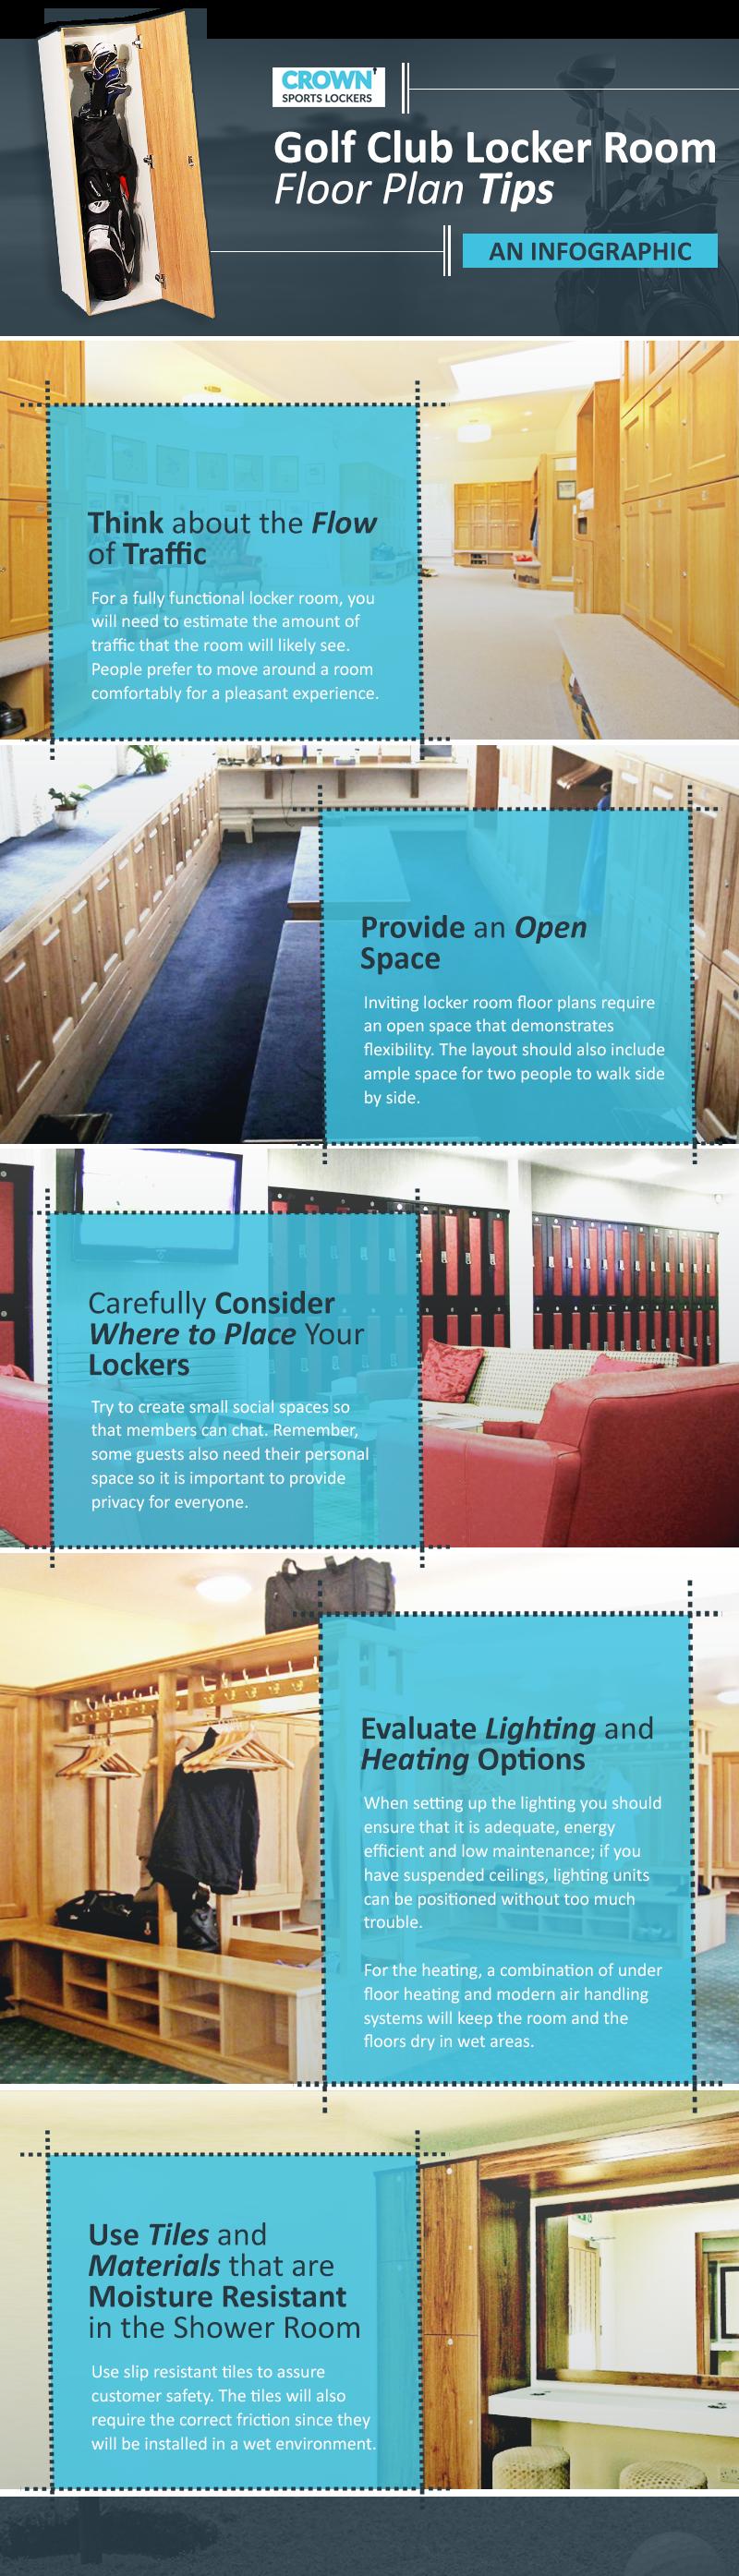 Golf Club Locker Room Floor Plan Tips